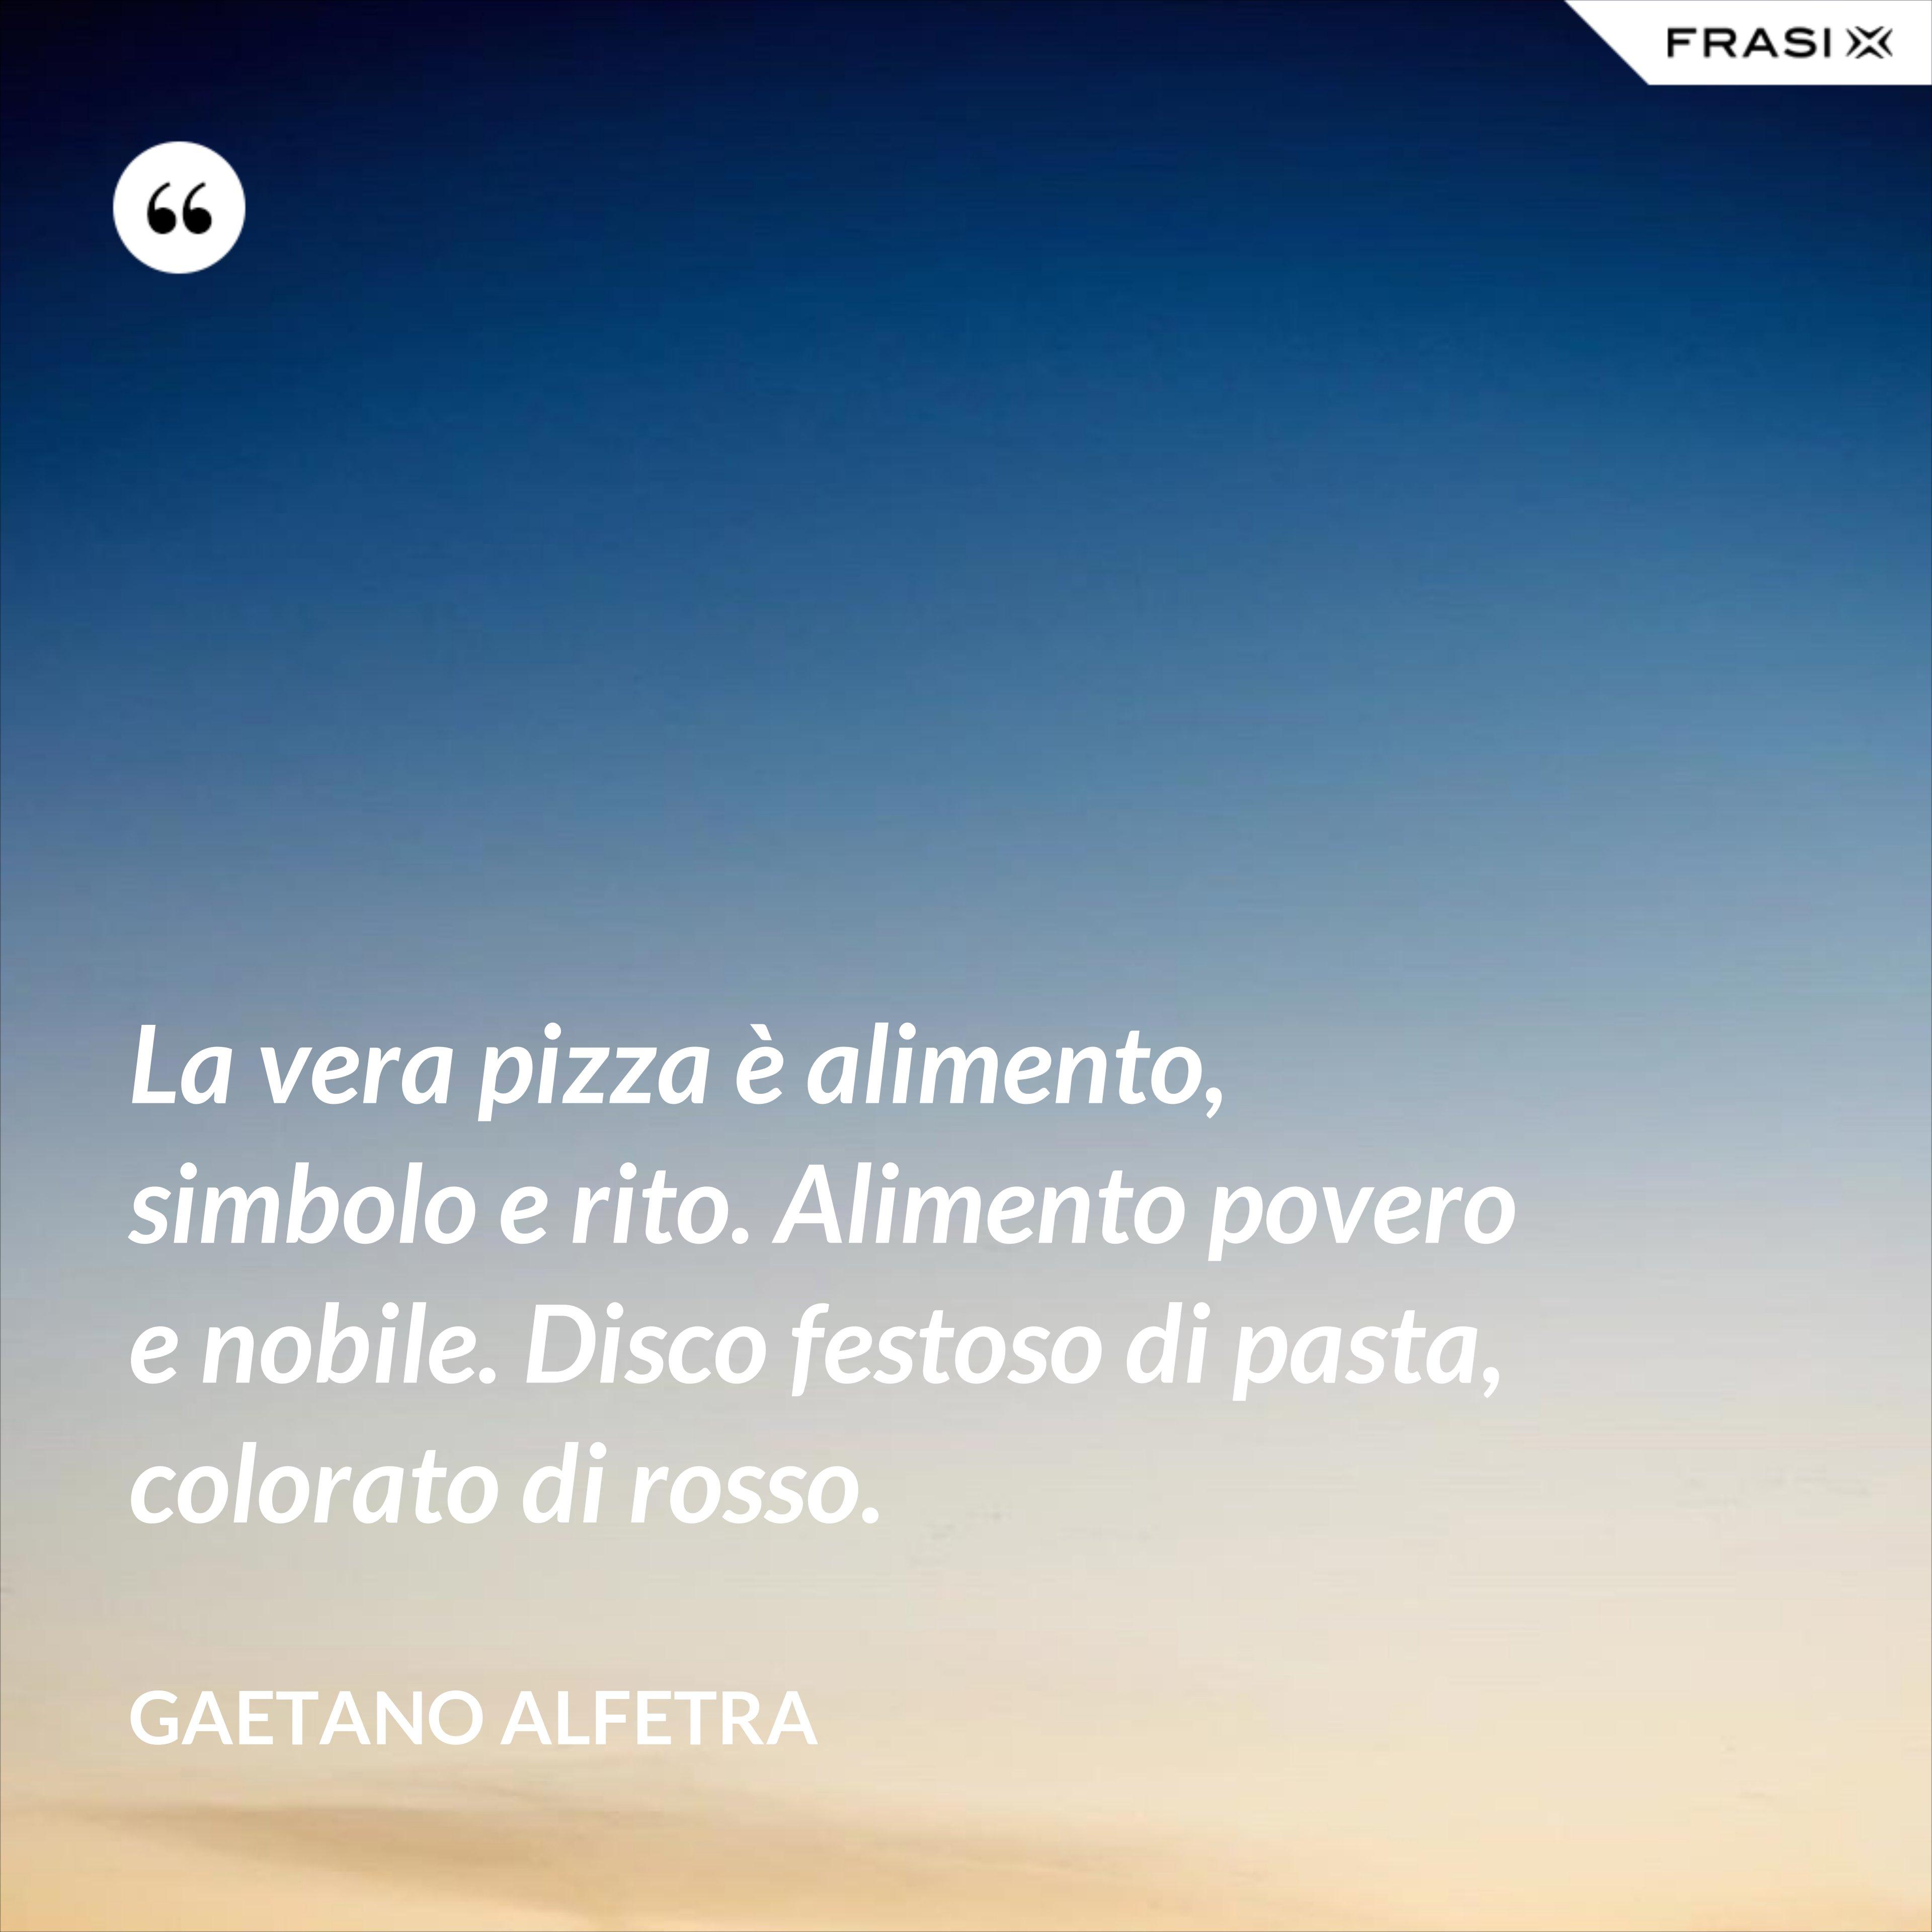 La vera pizza è alimento, simbolo e rito. Alimento povero e nobile. Disco festoso di pasta, colorato di rosso. - Gaetano Alfetra